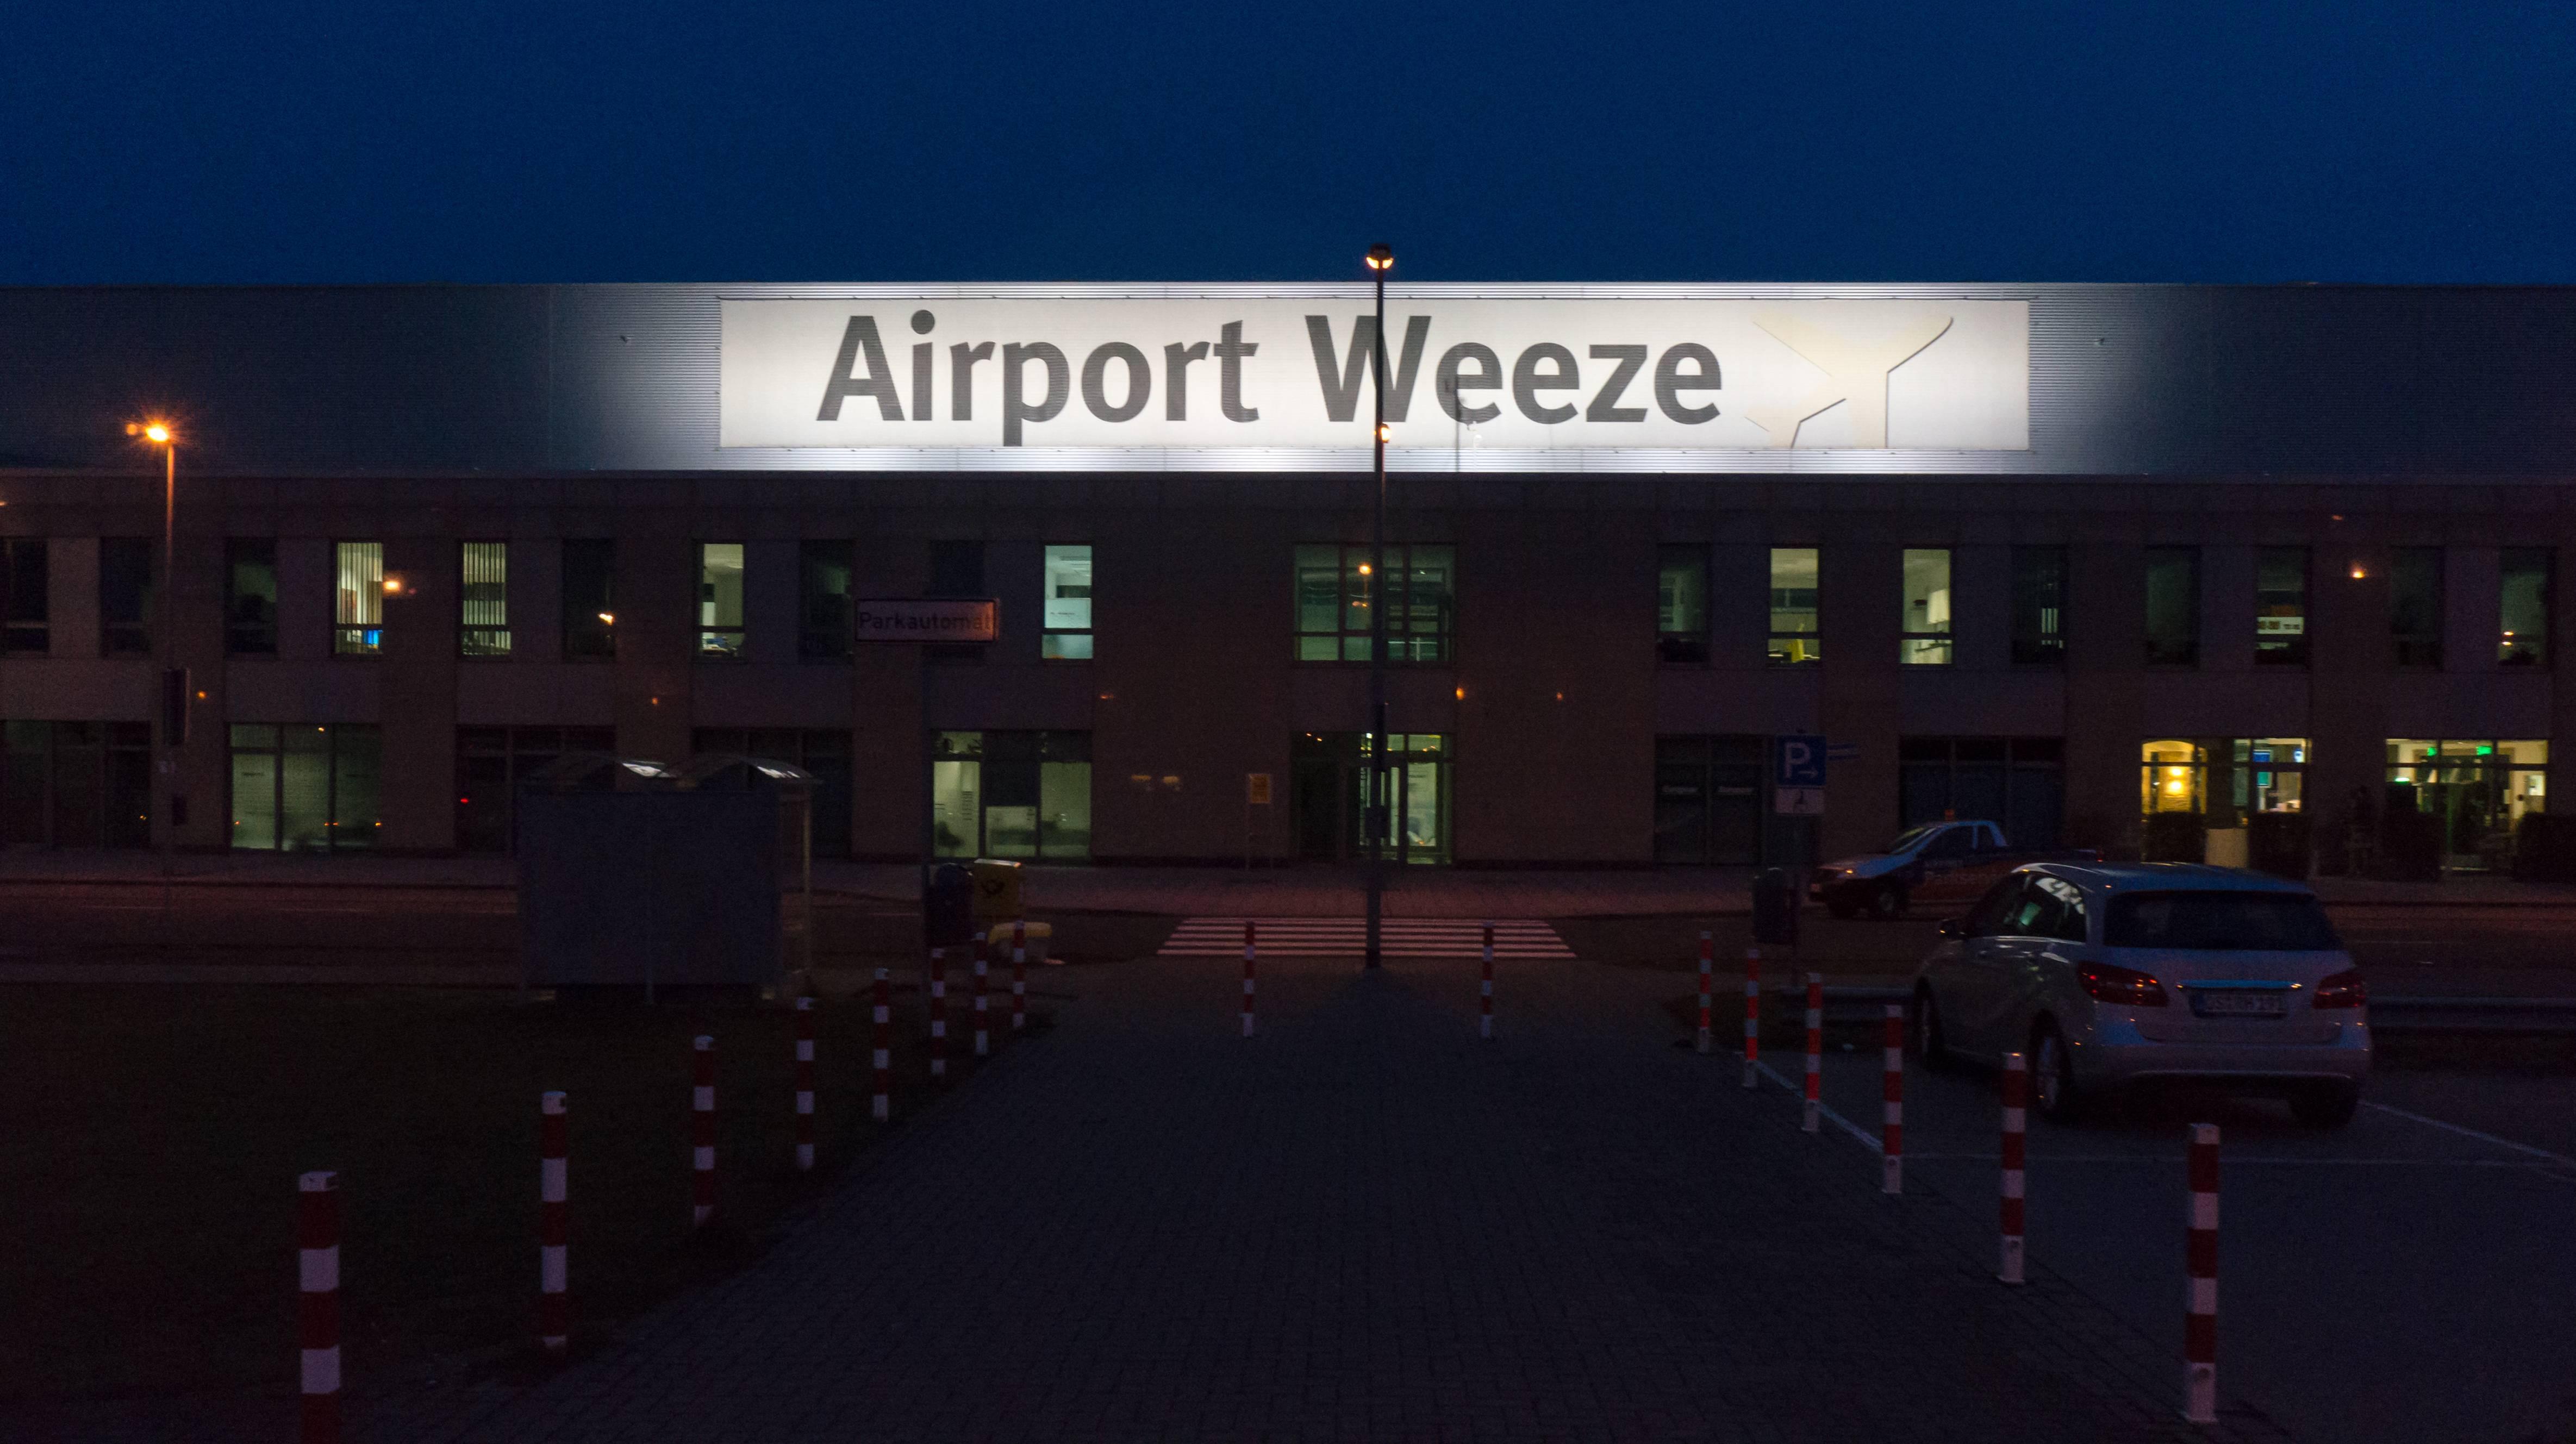 Аэропорт в дюссельдорфе: схема терминалов, онлайн табло, как добраться